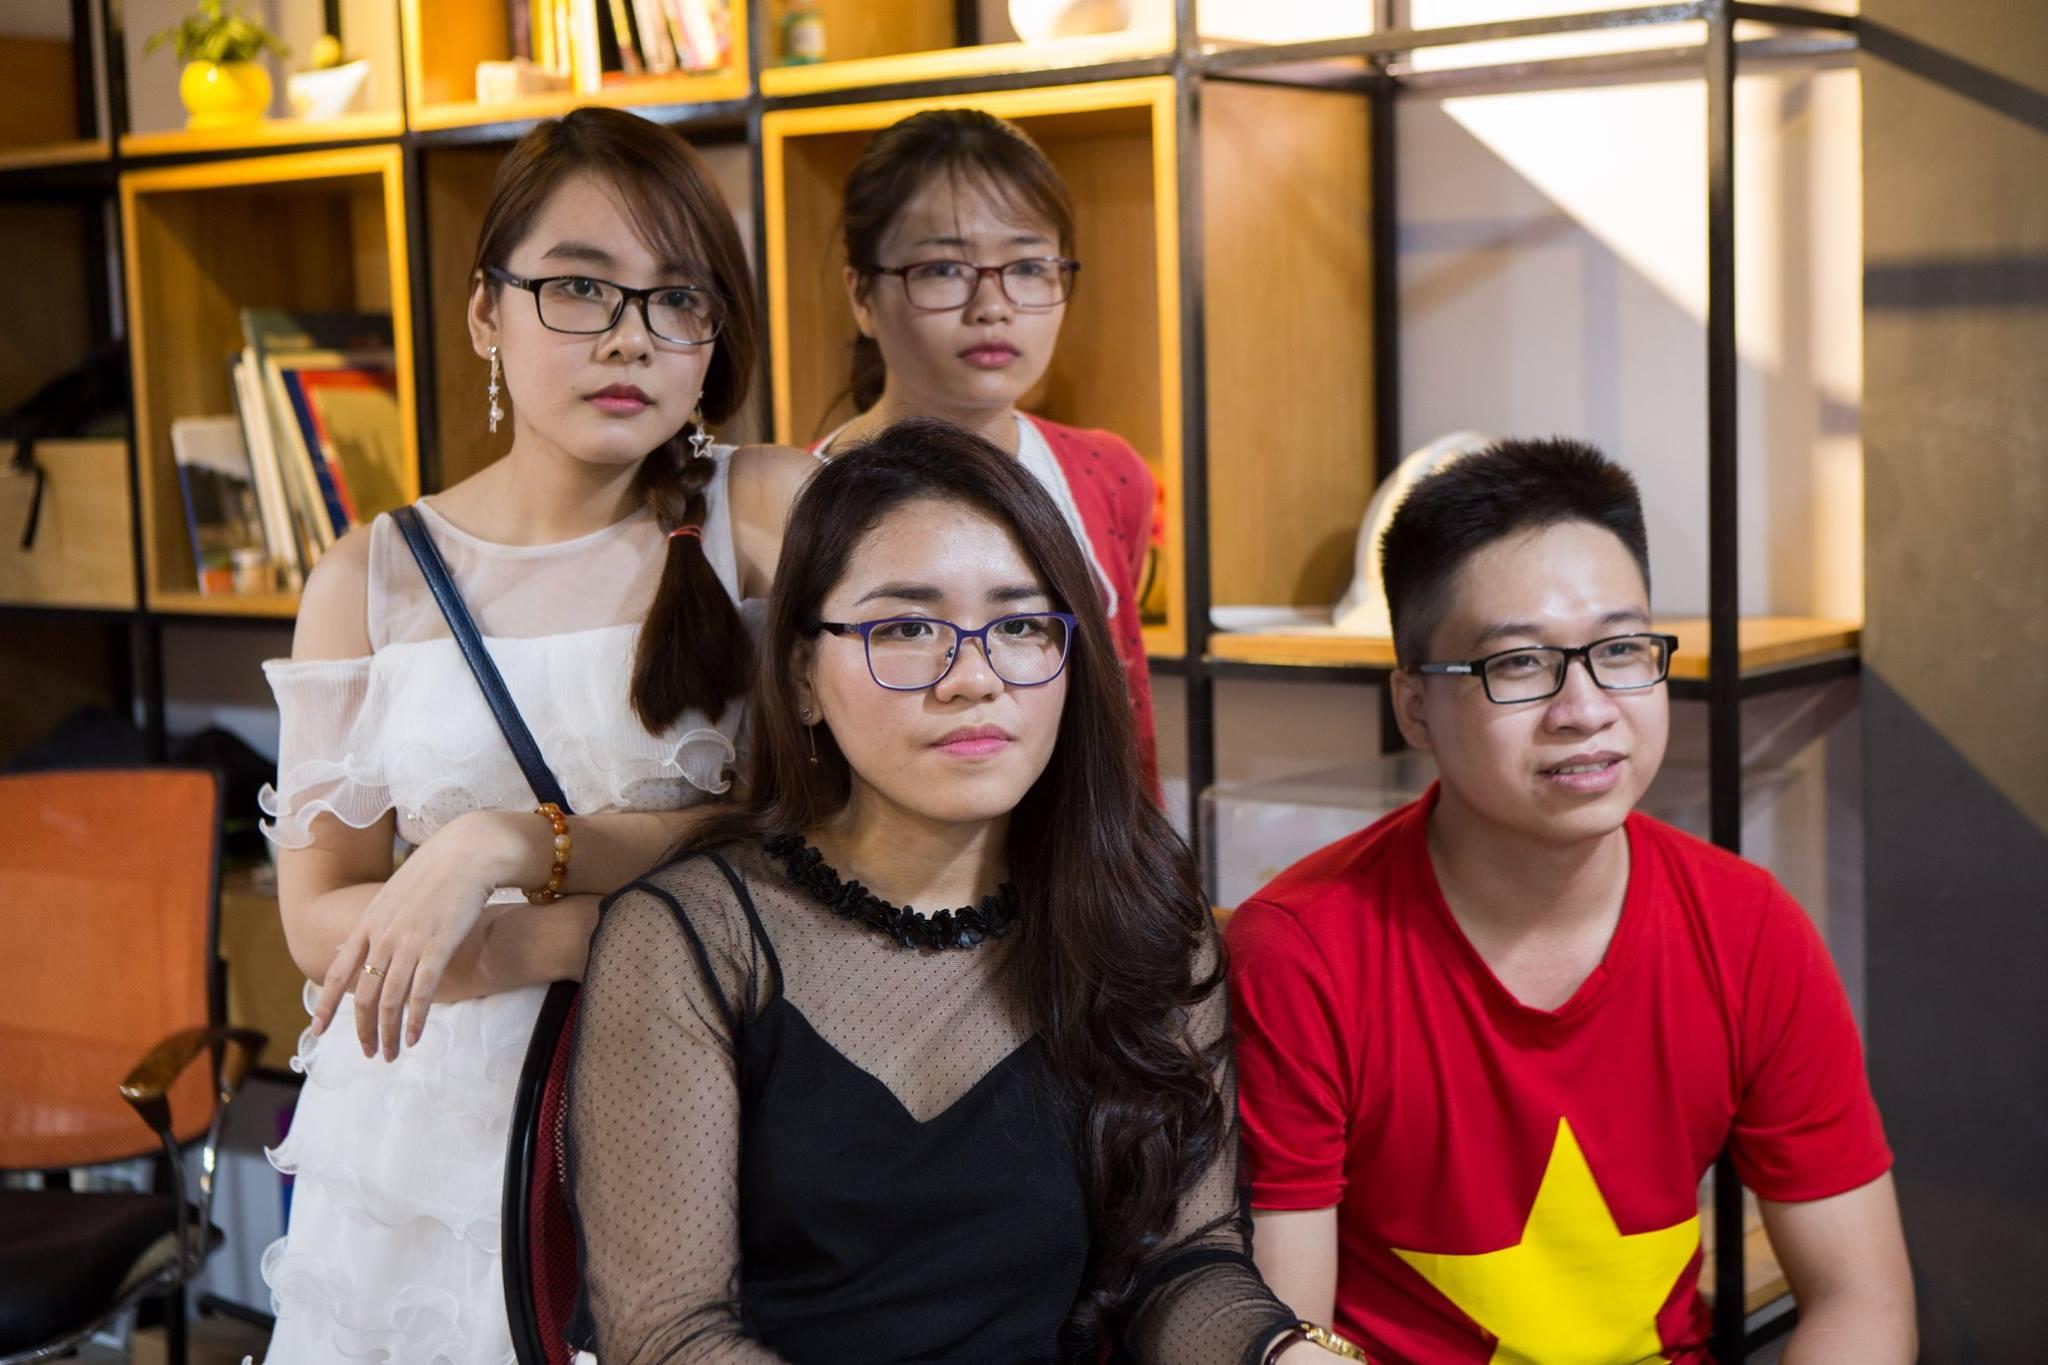 Hòa chung nhịp đập trái tim cùng hướng về đội tuyển U23 Việt Nam